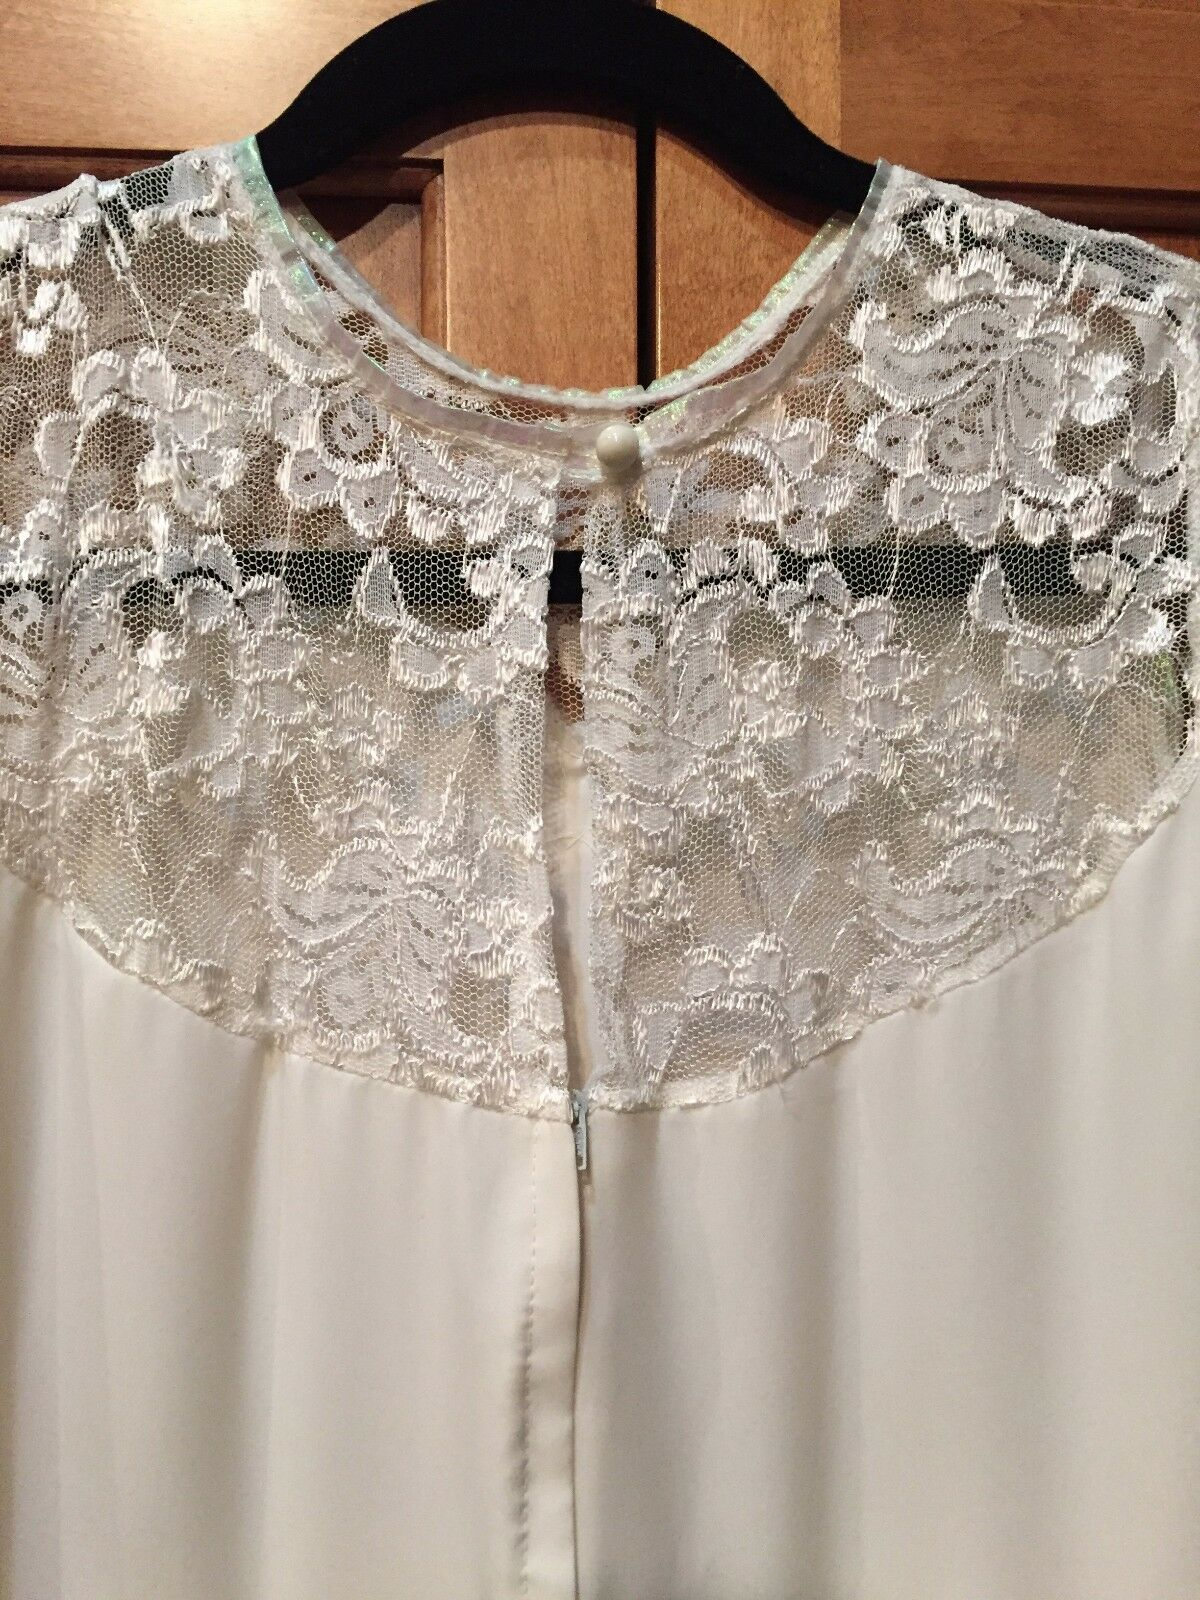 Vintage 60's Wedding Mini Dress - image 5